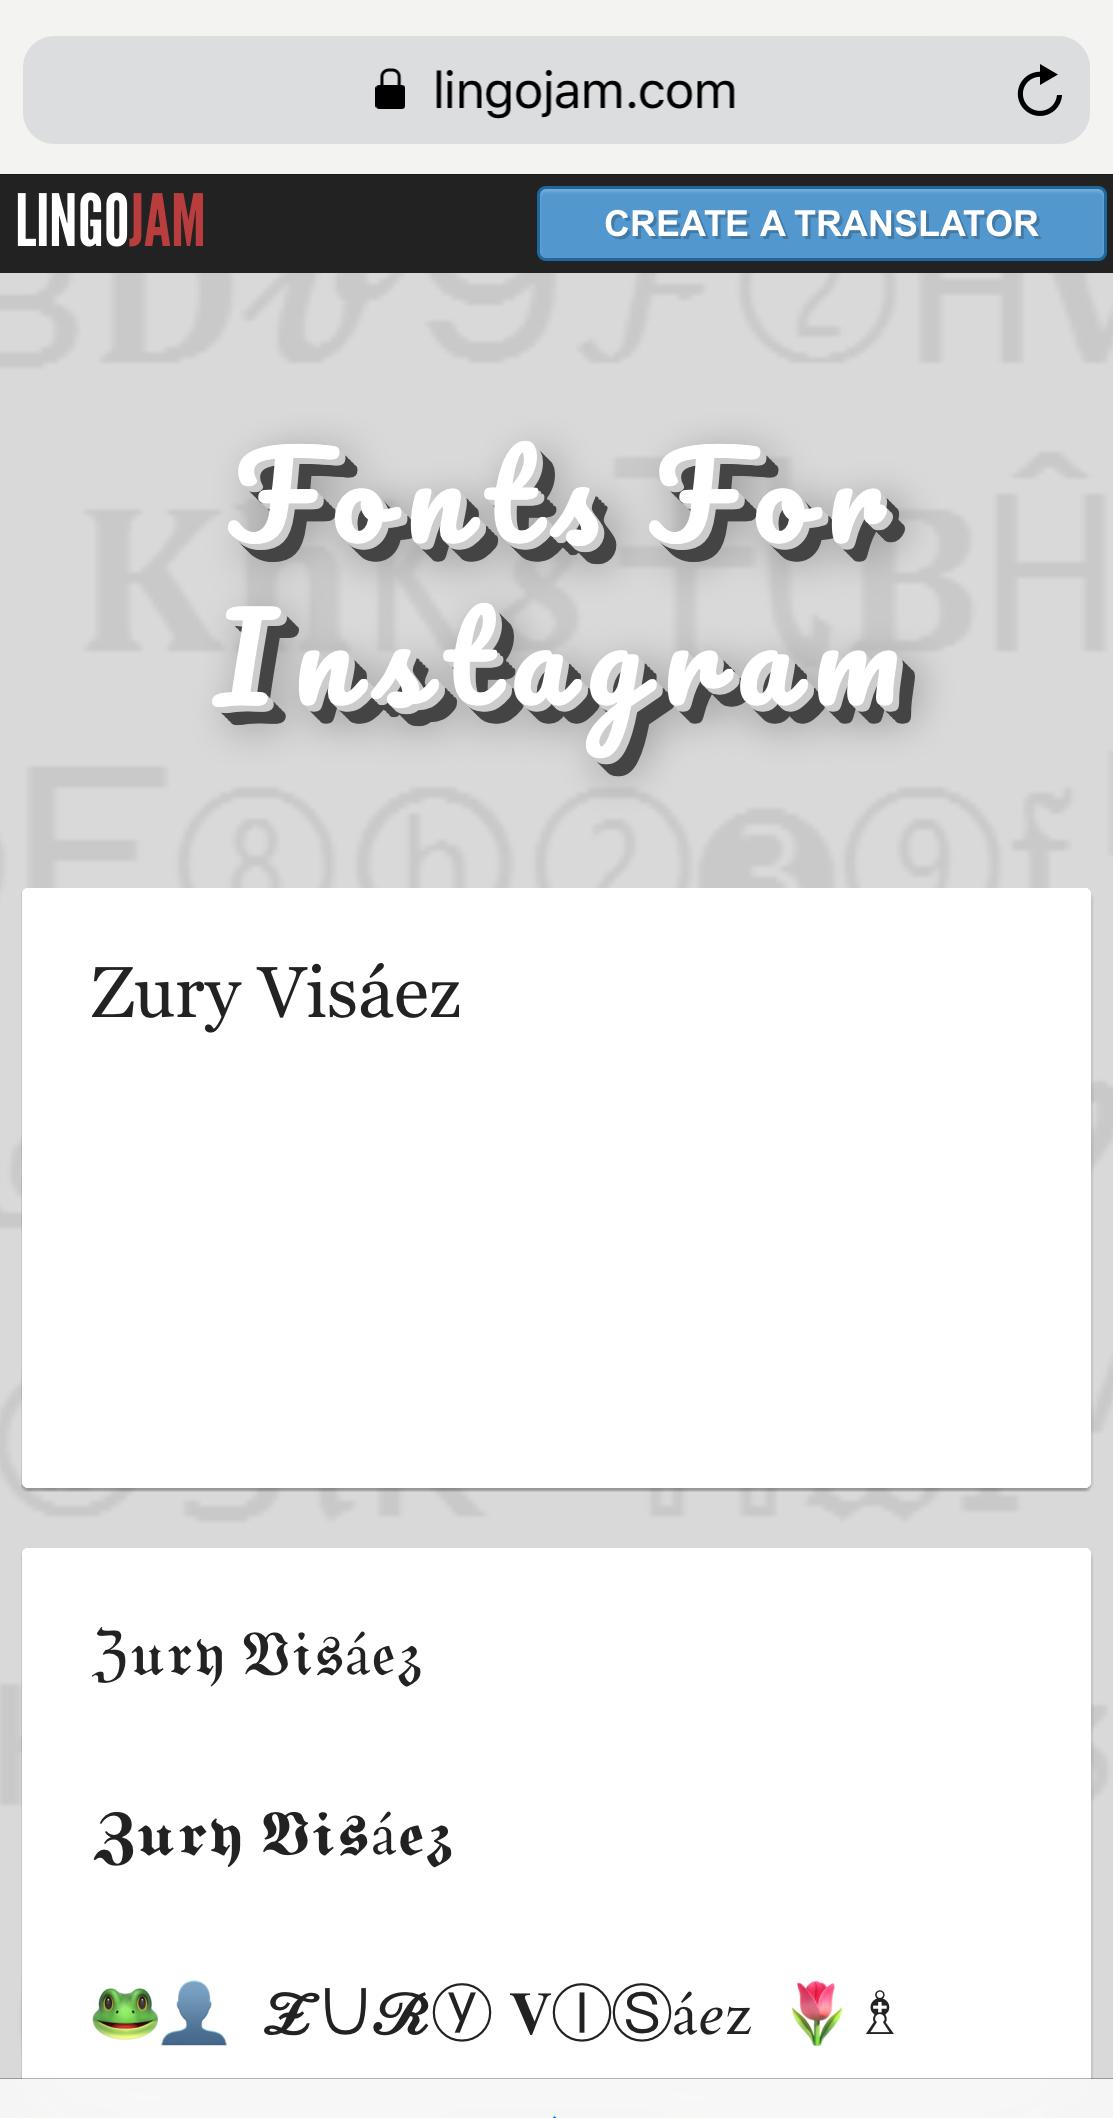 Vista De Lingojam Com Para Cambiar La Letra De Instagram Y Personalizar La Biografía Y Contenidos Conversor De Letras Letra De Cambio Nombre Para Instagram